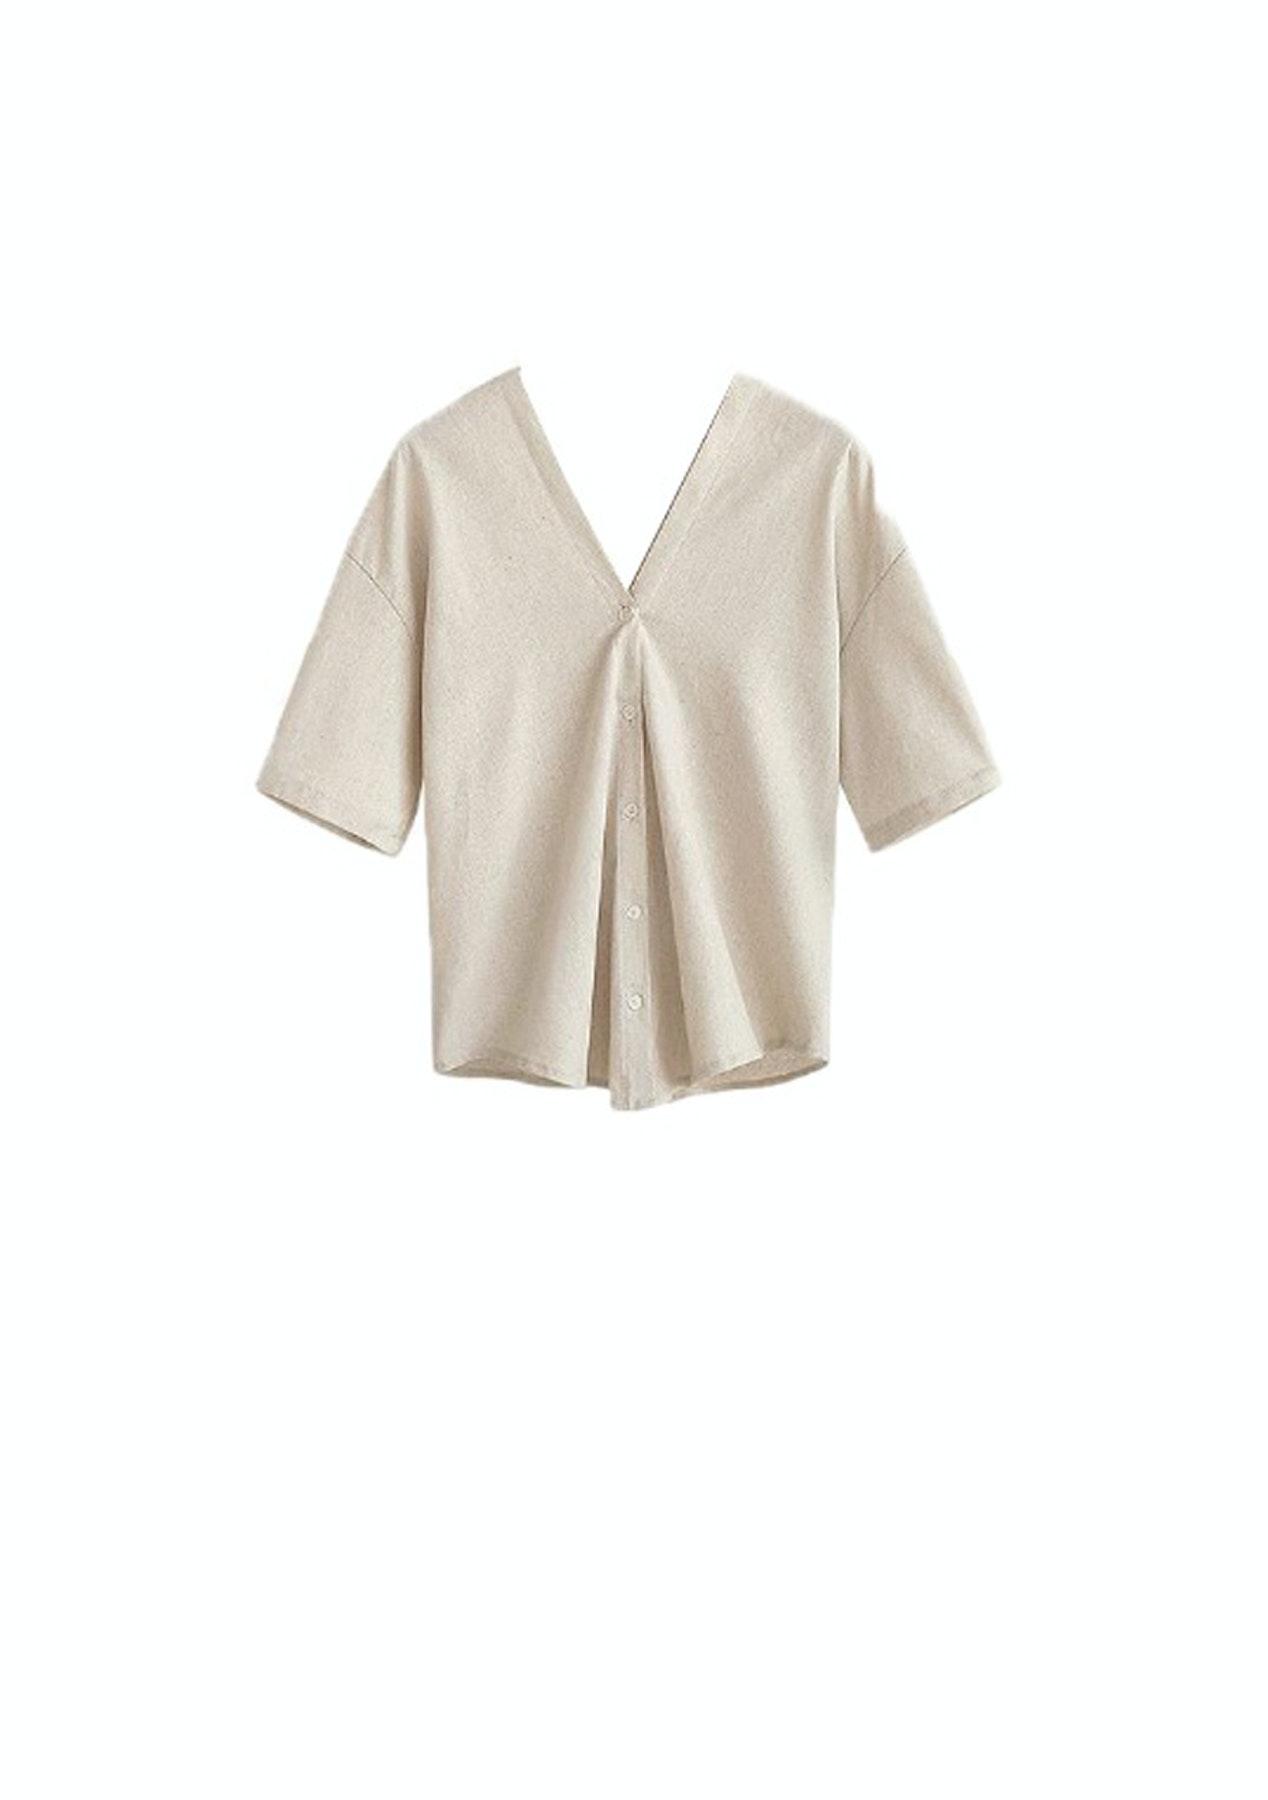 b85136ef4f2ede Fashion Edit. - Pavilion Shirt - Beige - PRESALE  Resort   More Under  45 -  Onceit